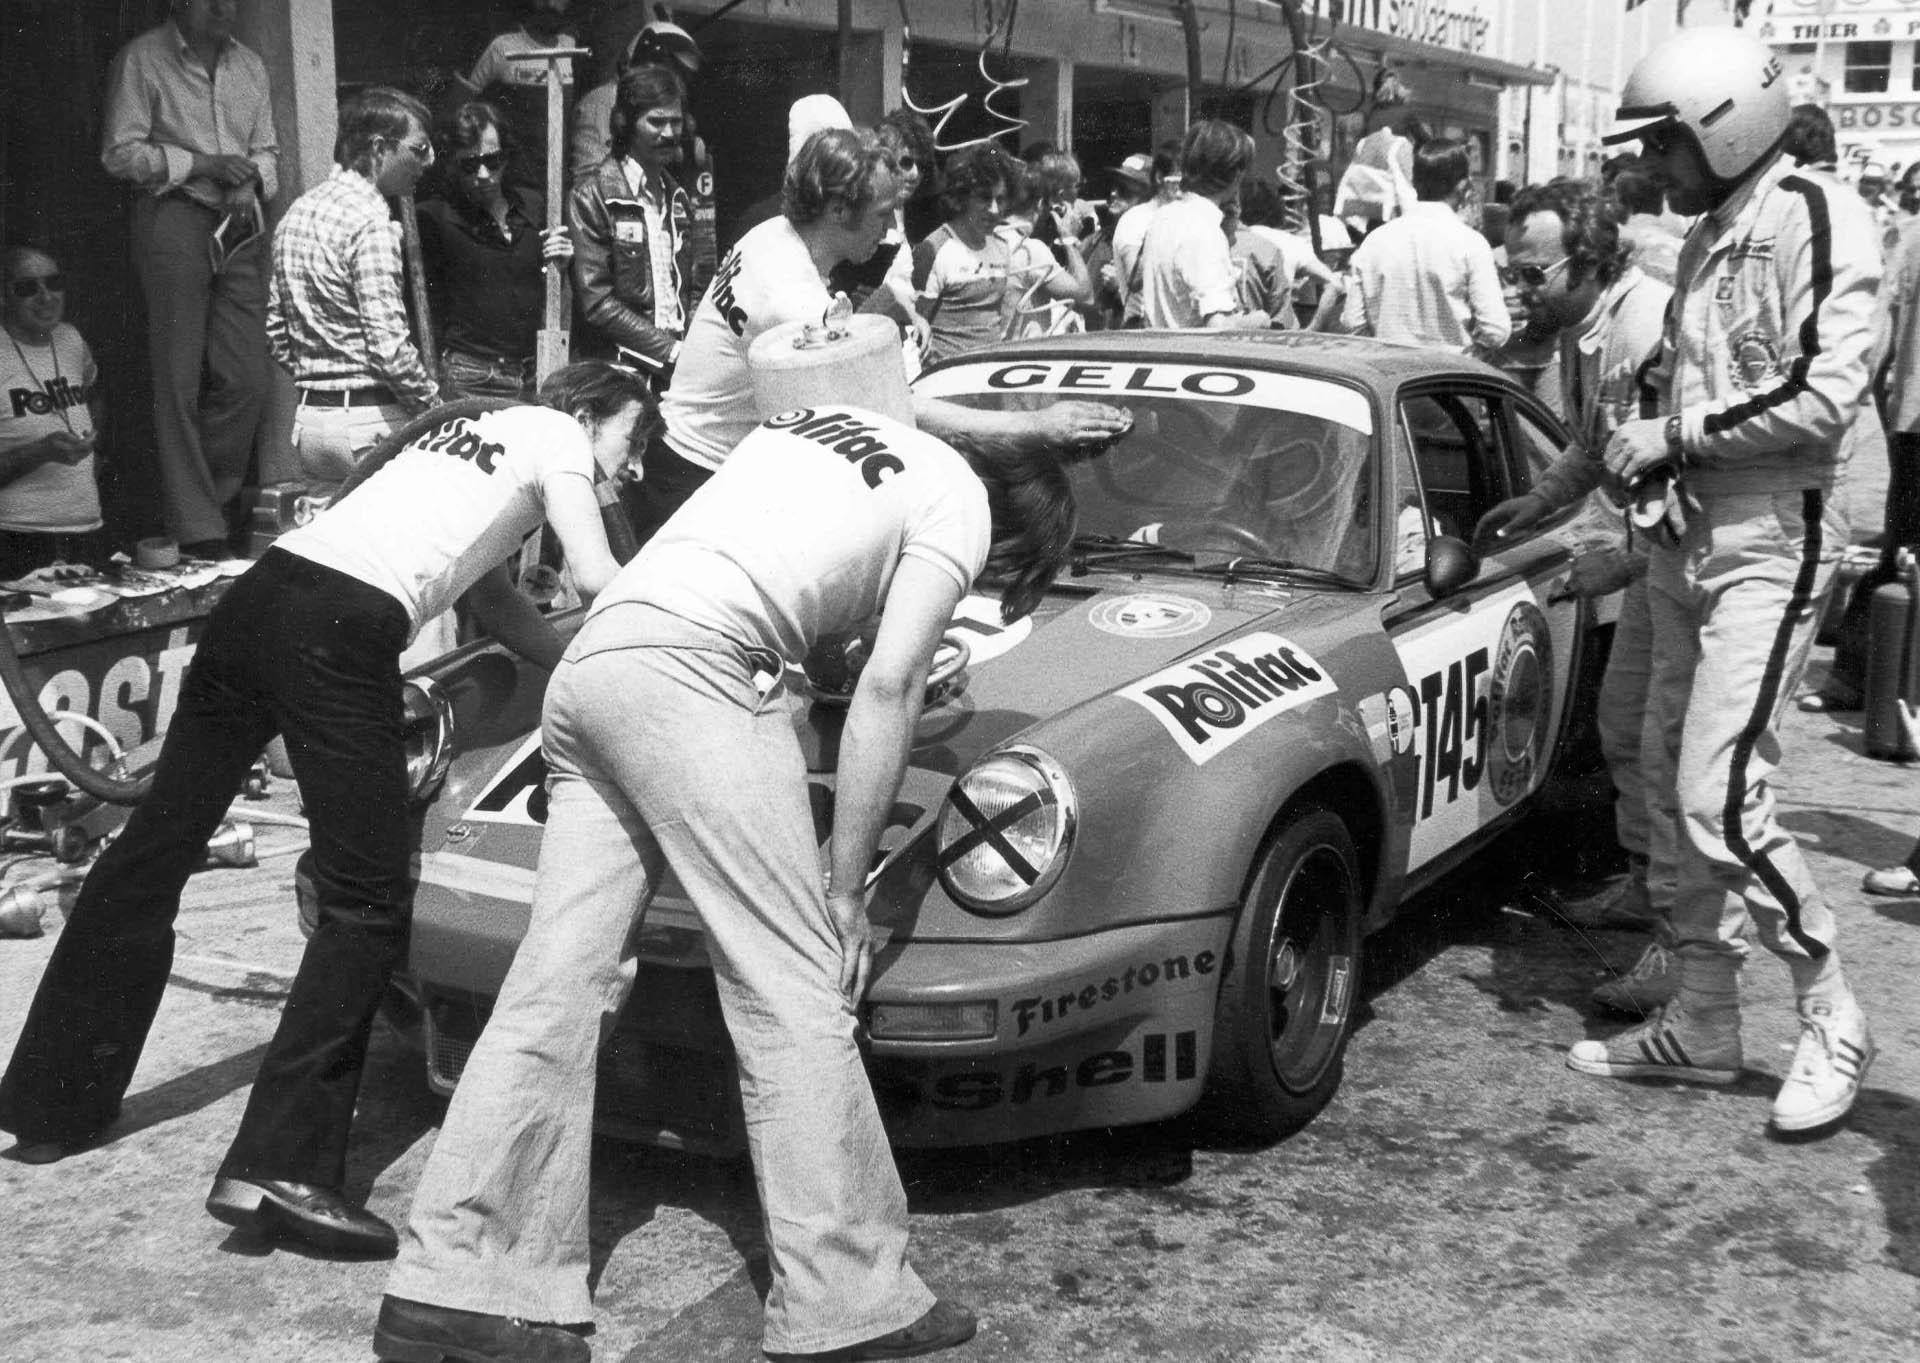 1974 JBarth 1